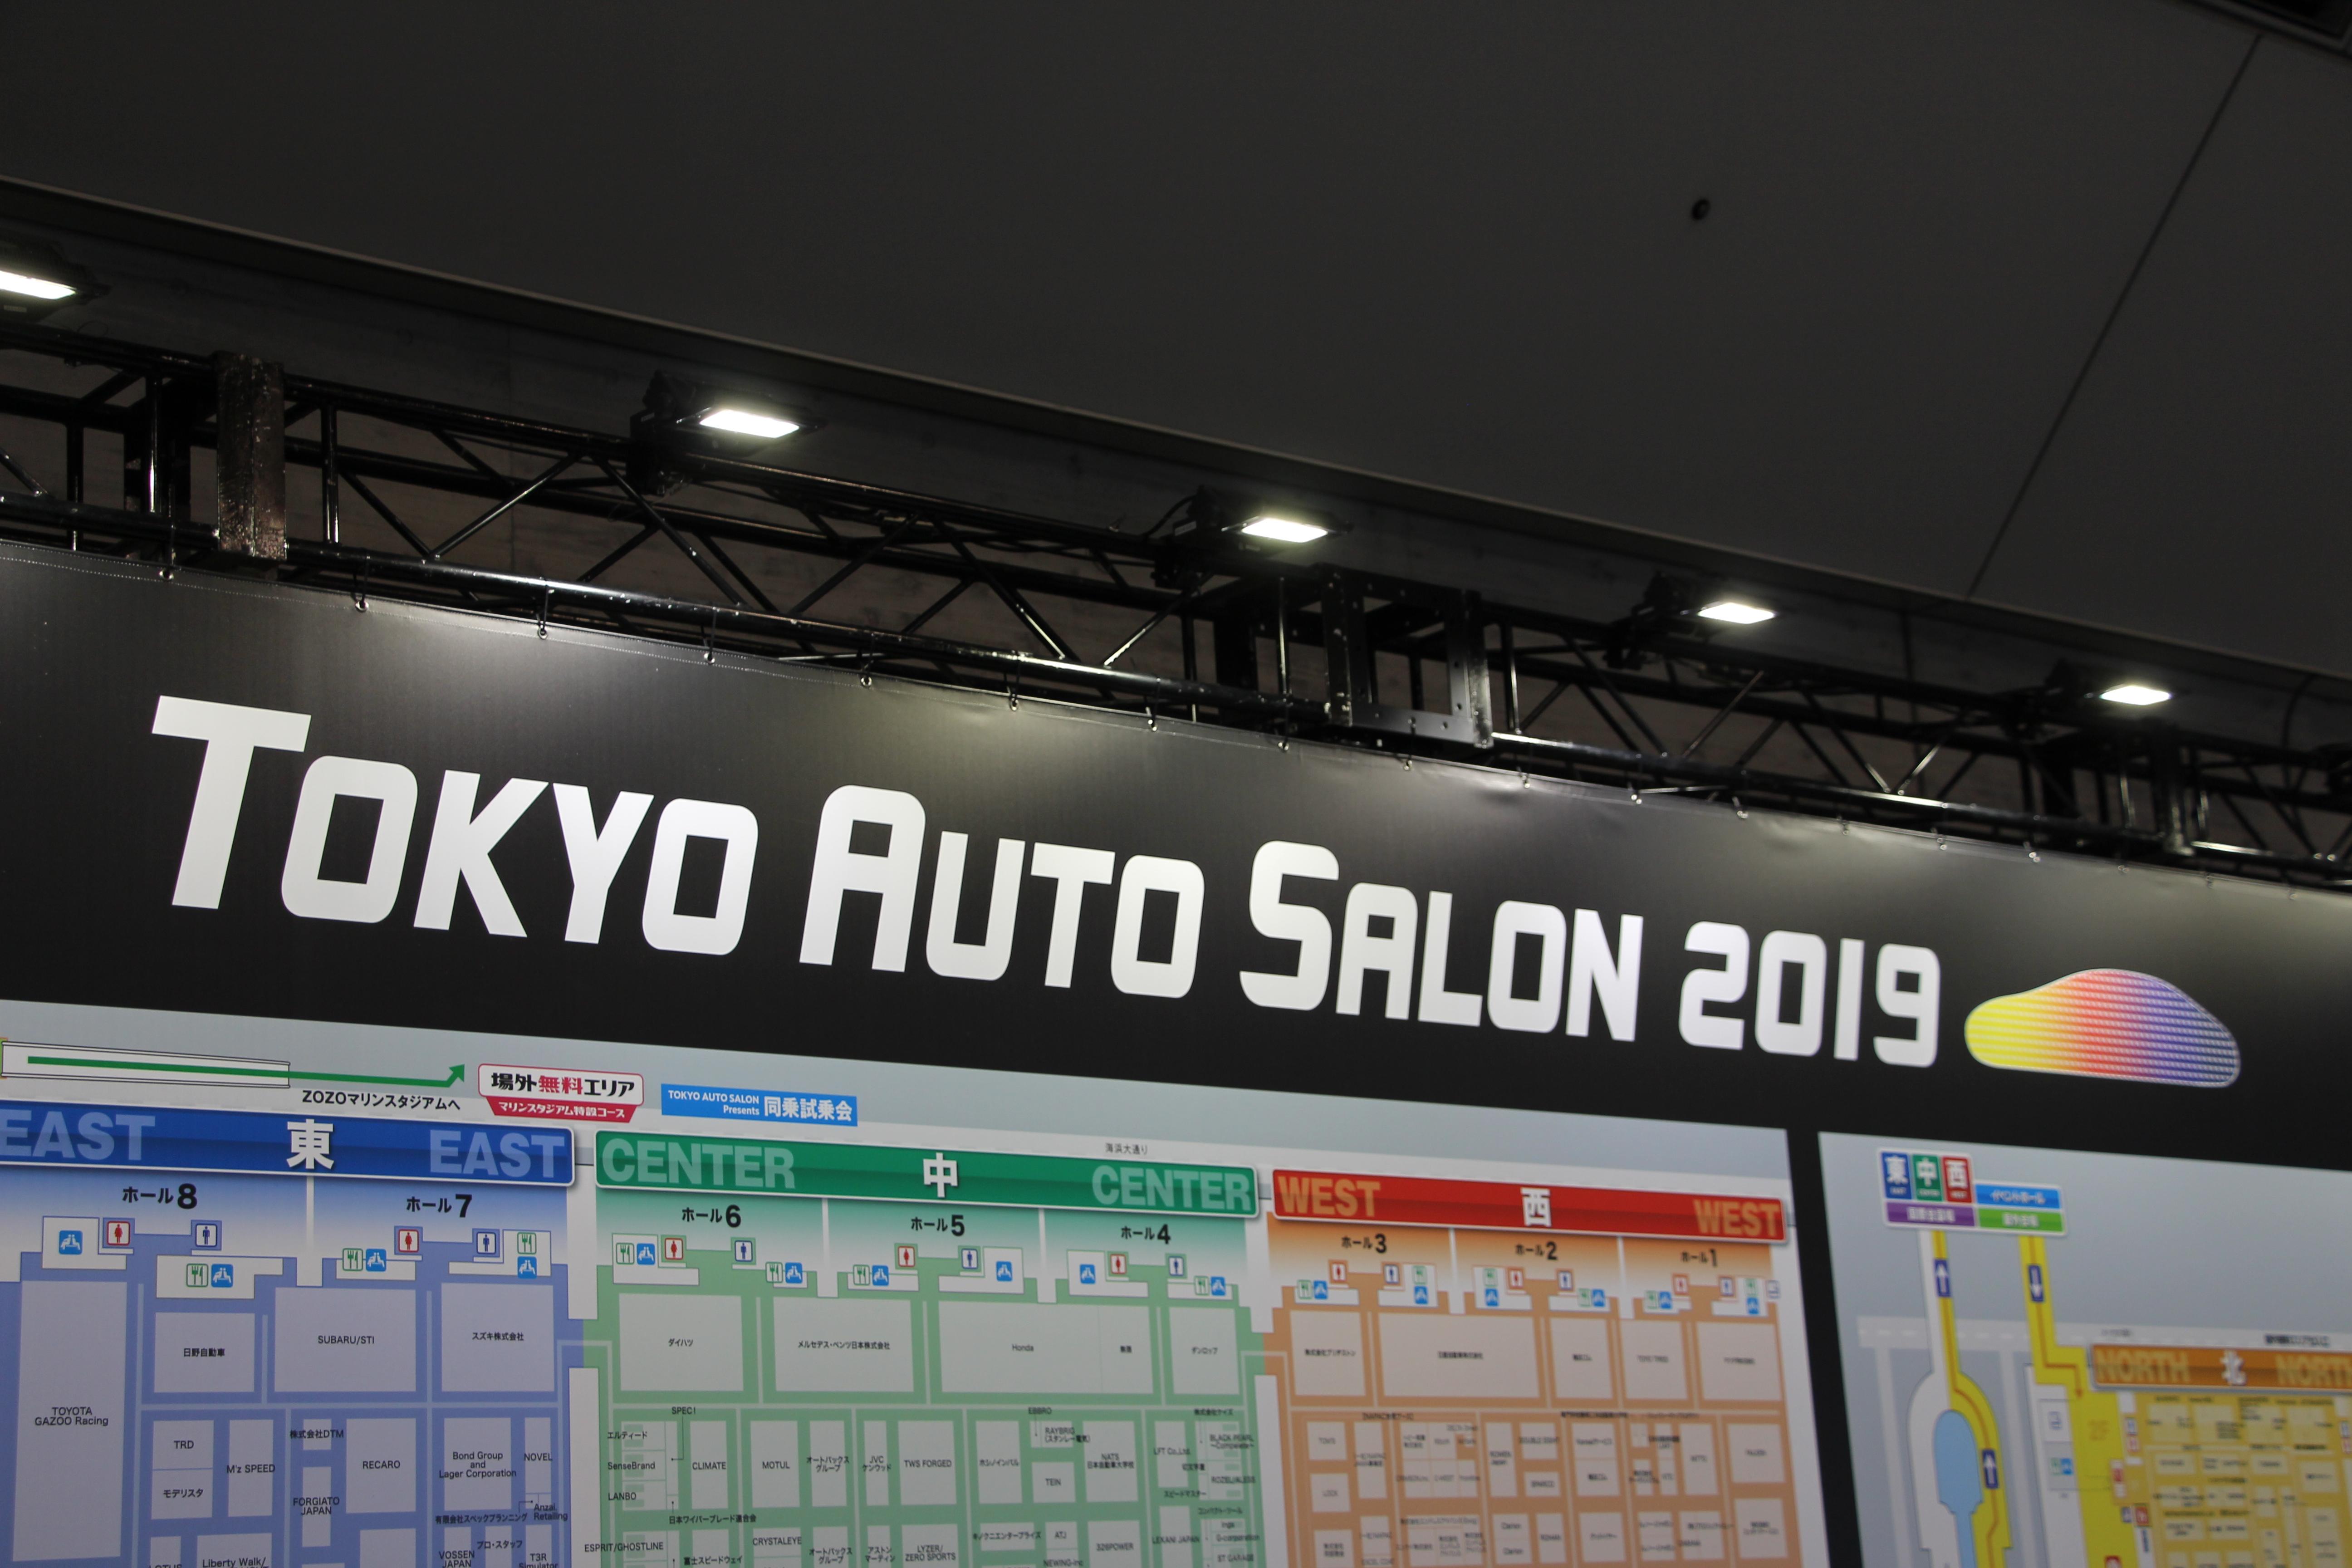 東京オートサロン2019を見て来たよ!まさに車のお祭り!